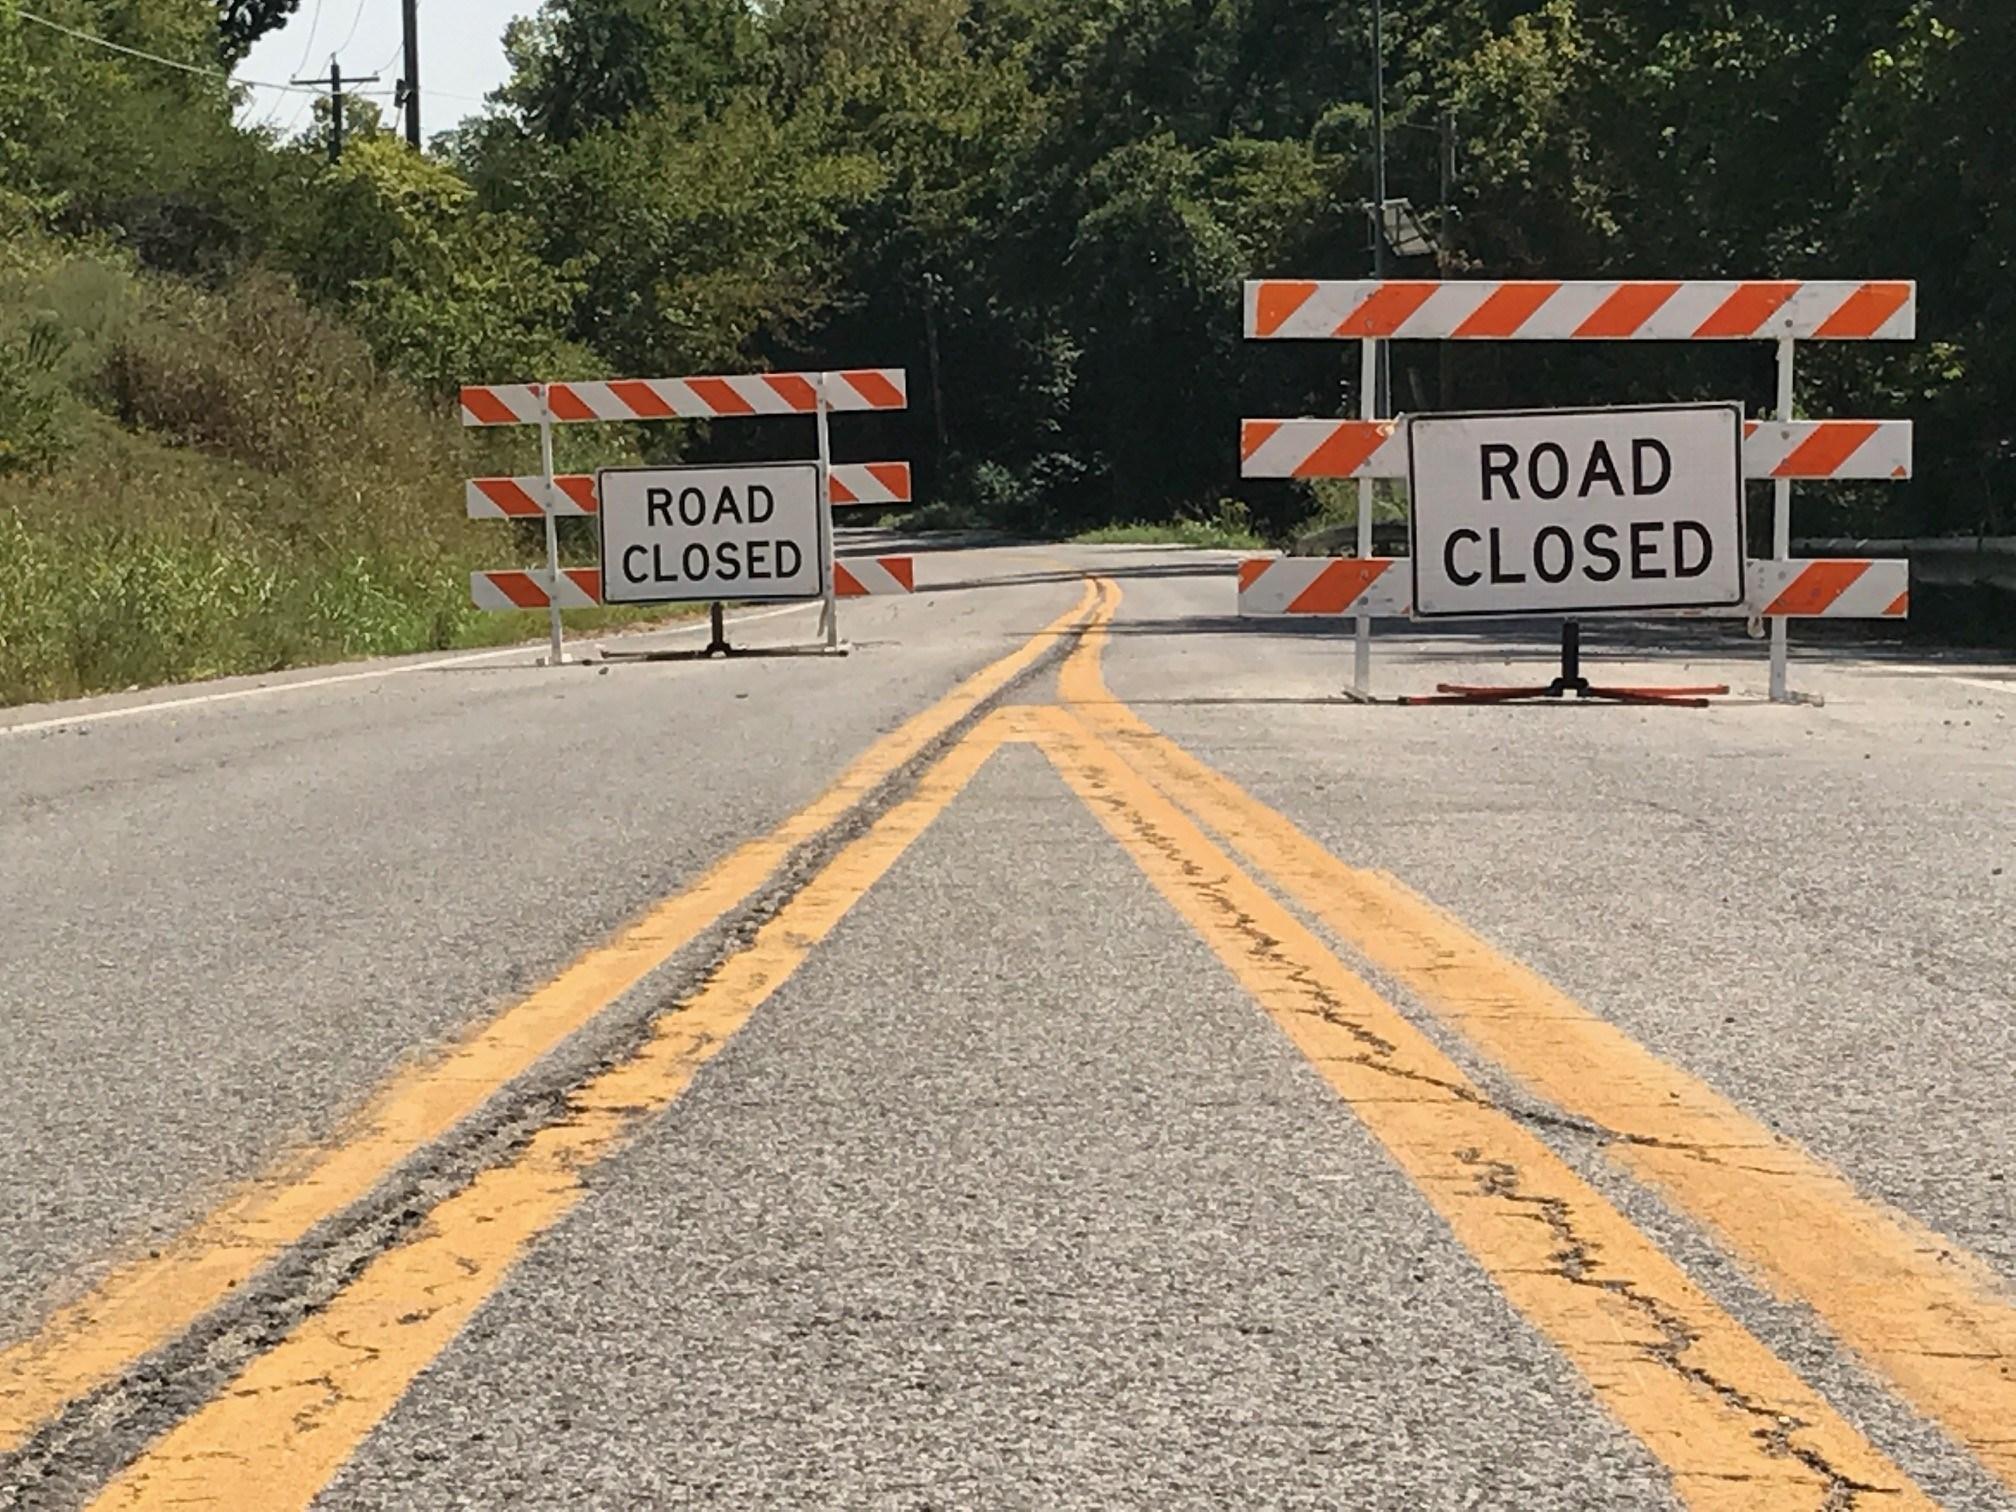 Road closure on Highway M in Barnhart, between I-55 & Highway 61/67.